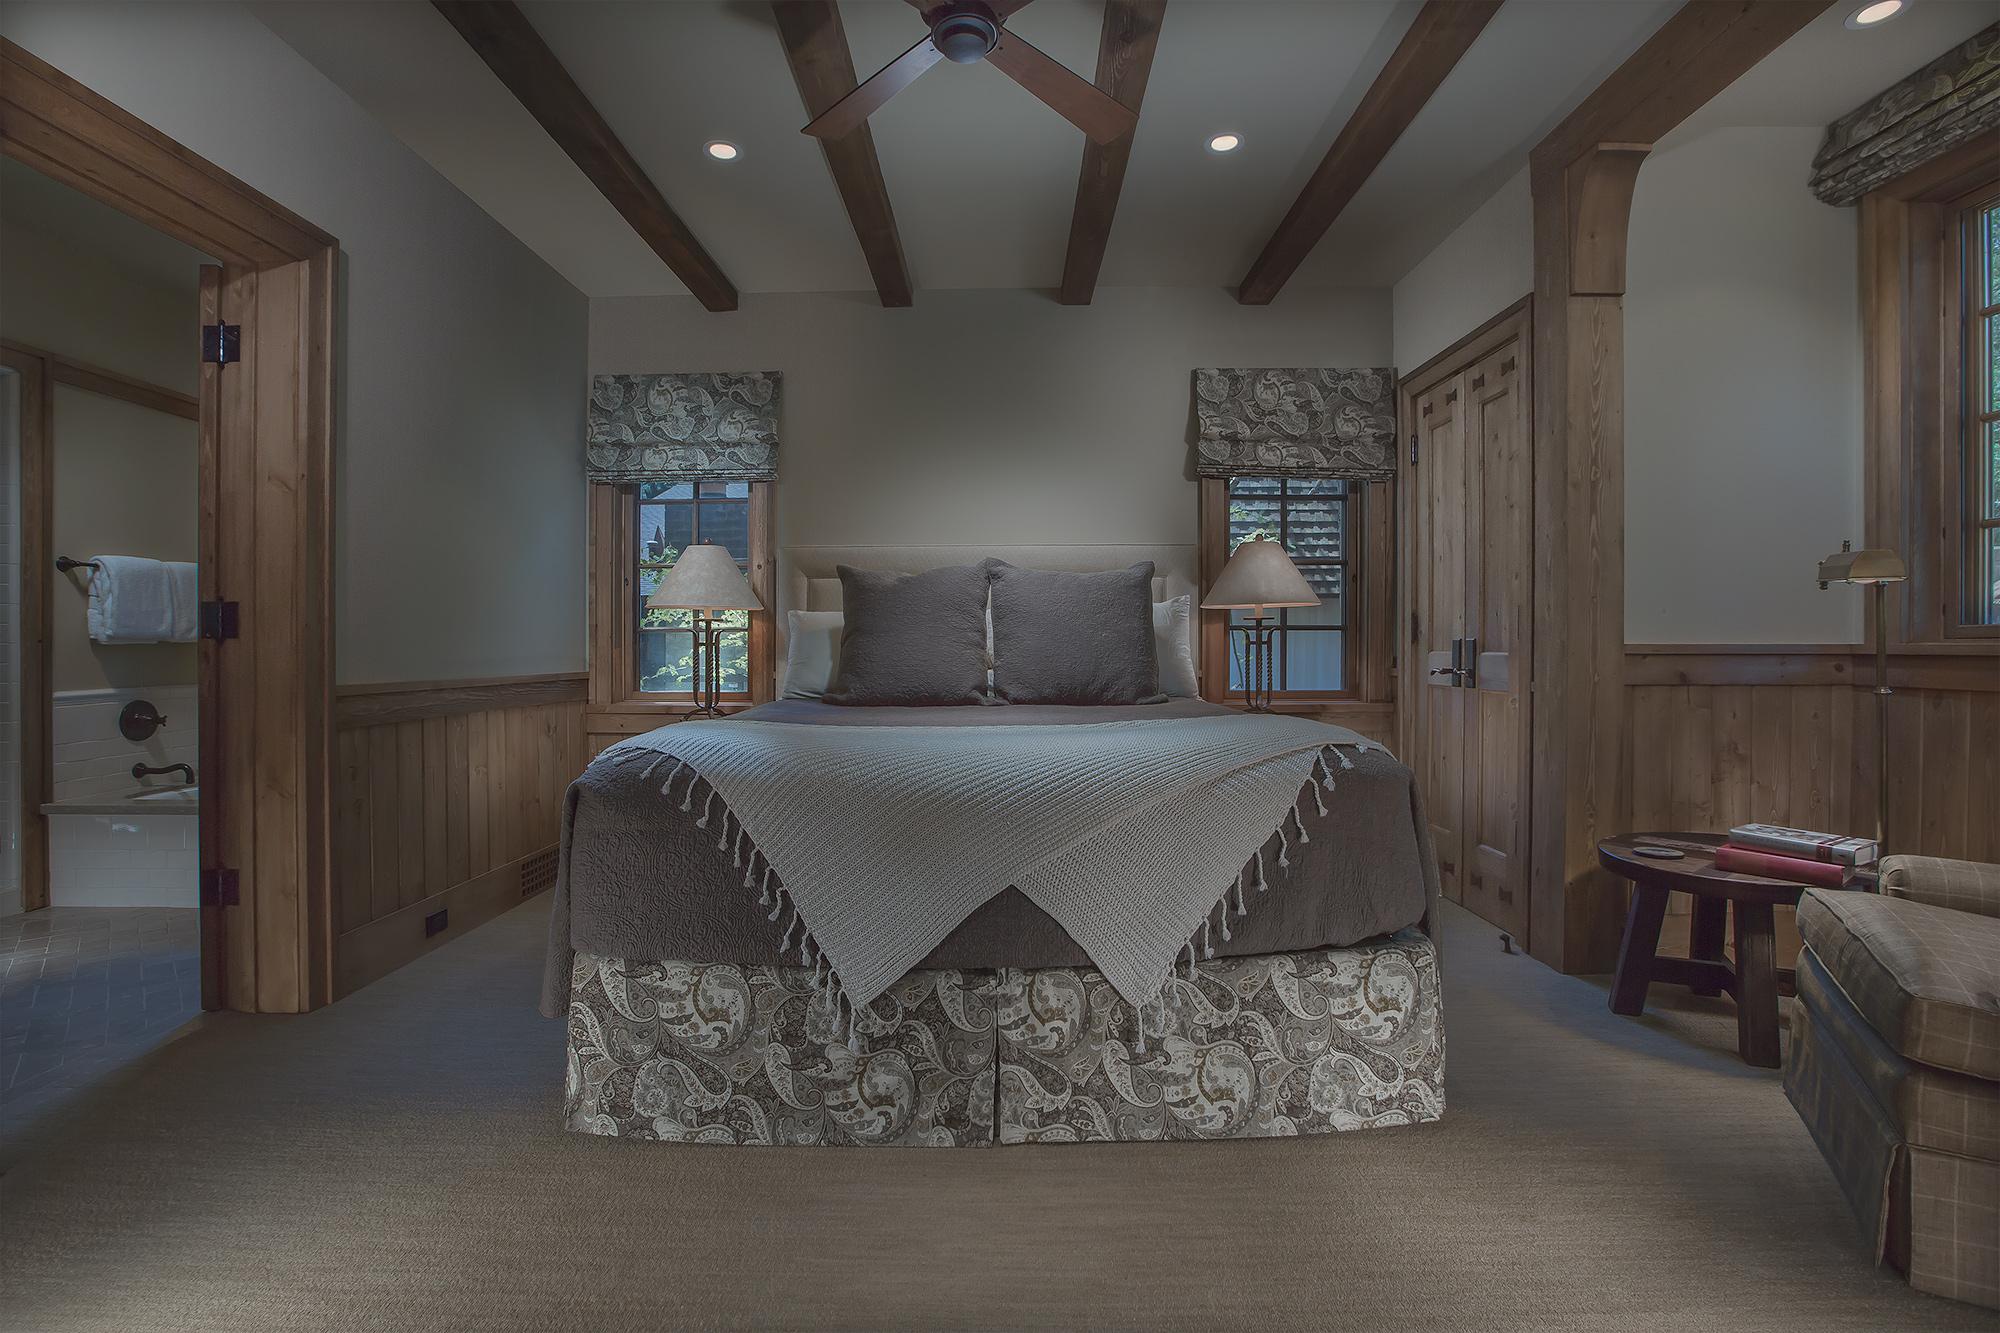 schwab-residence-guest-bedroom.jpg